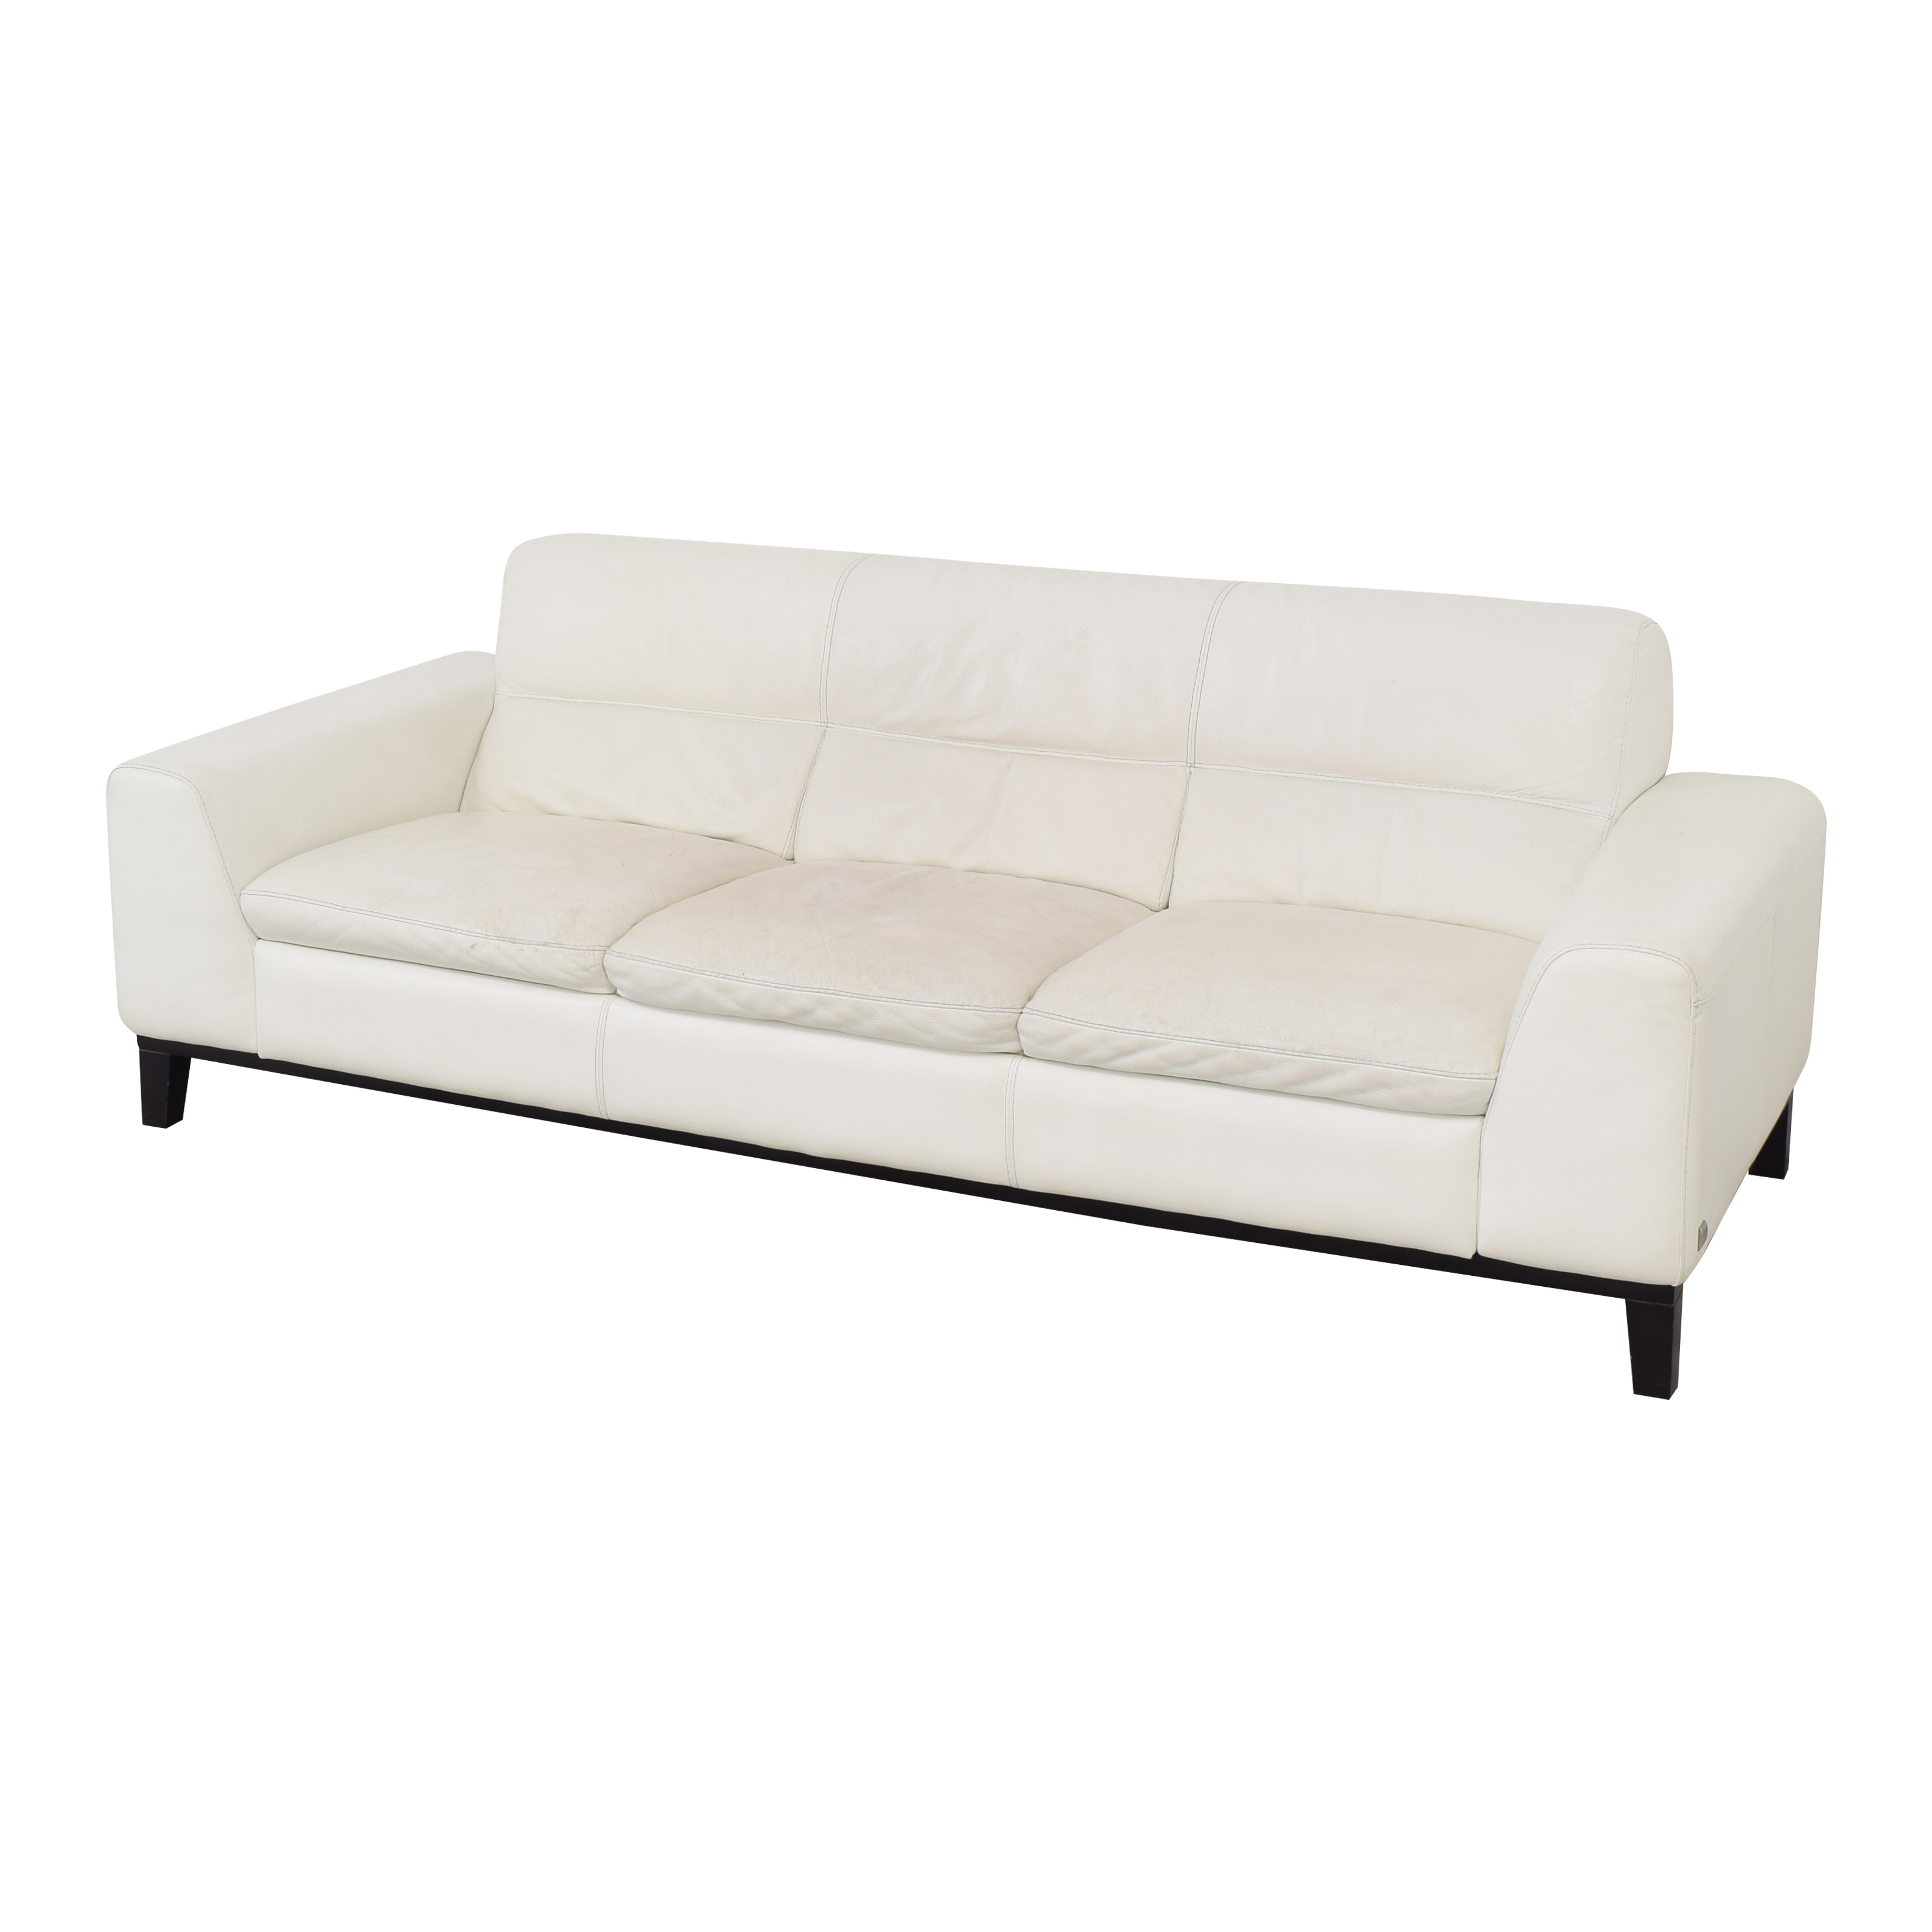 Calia Italia Calia Italia Soho 3-Seat Leather Couch dimensions